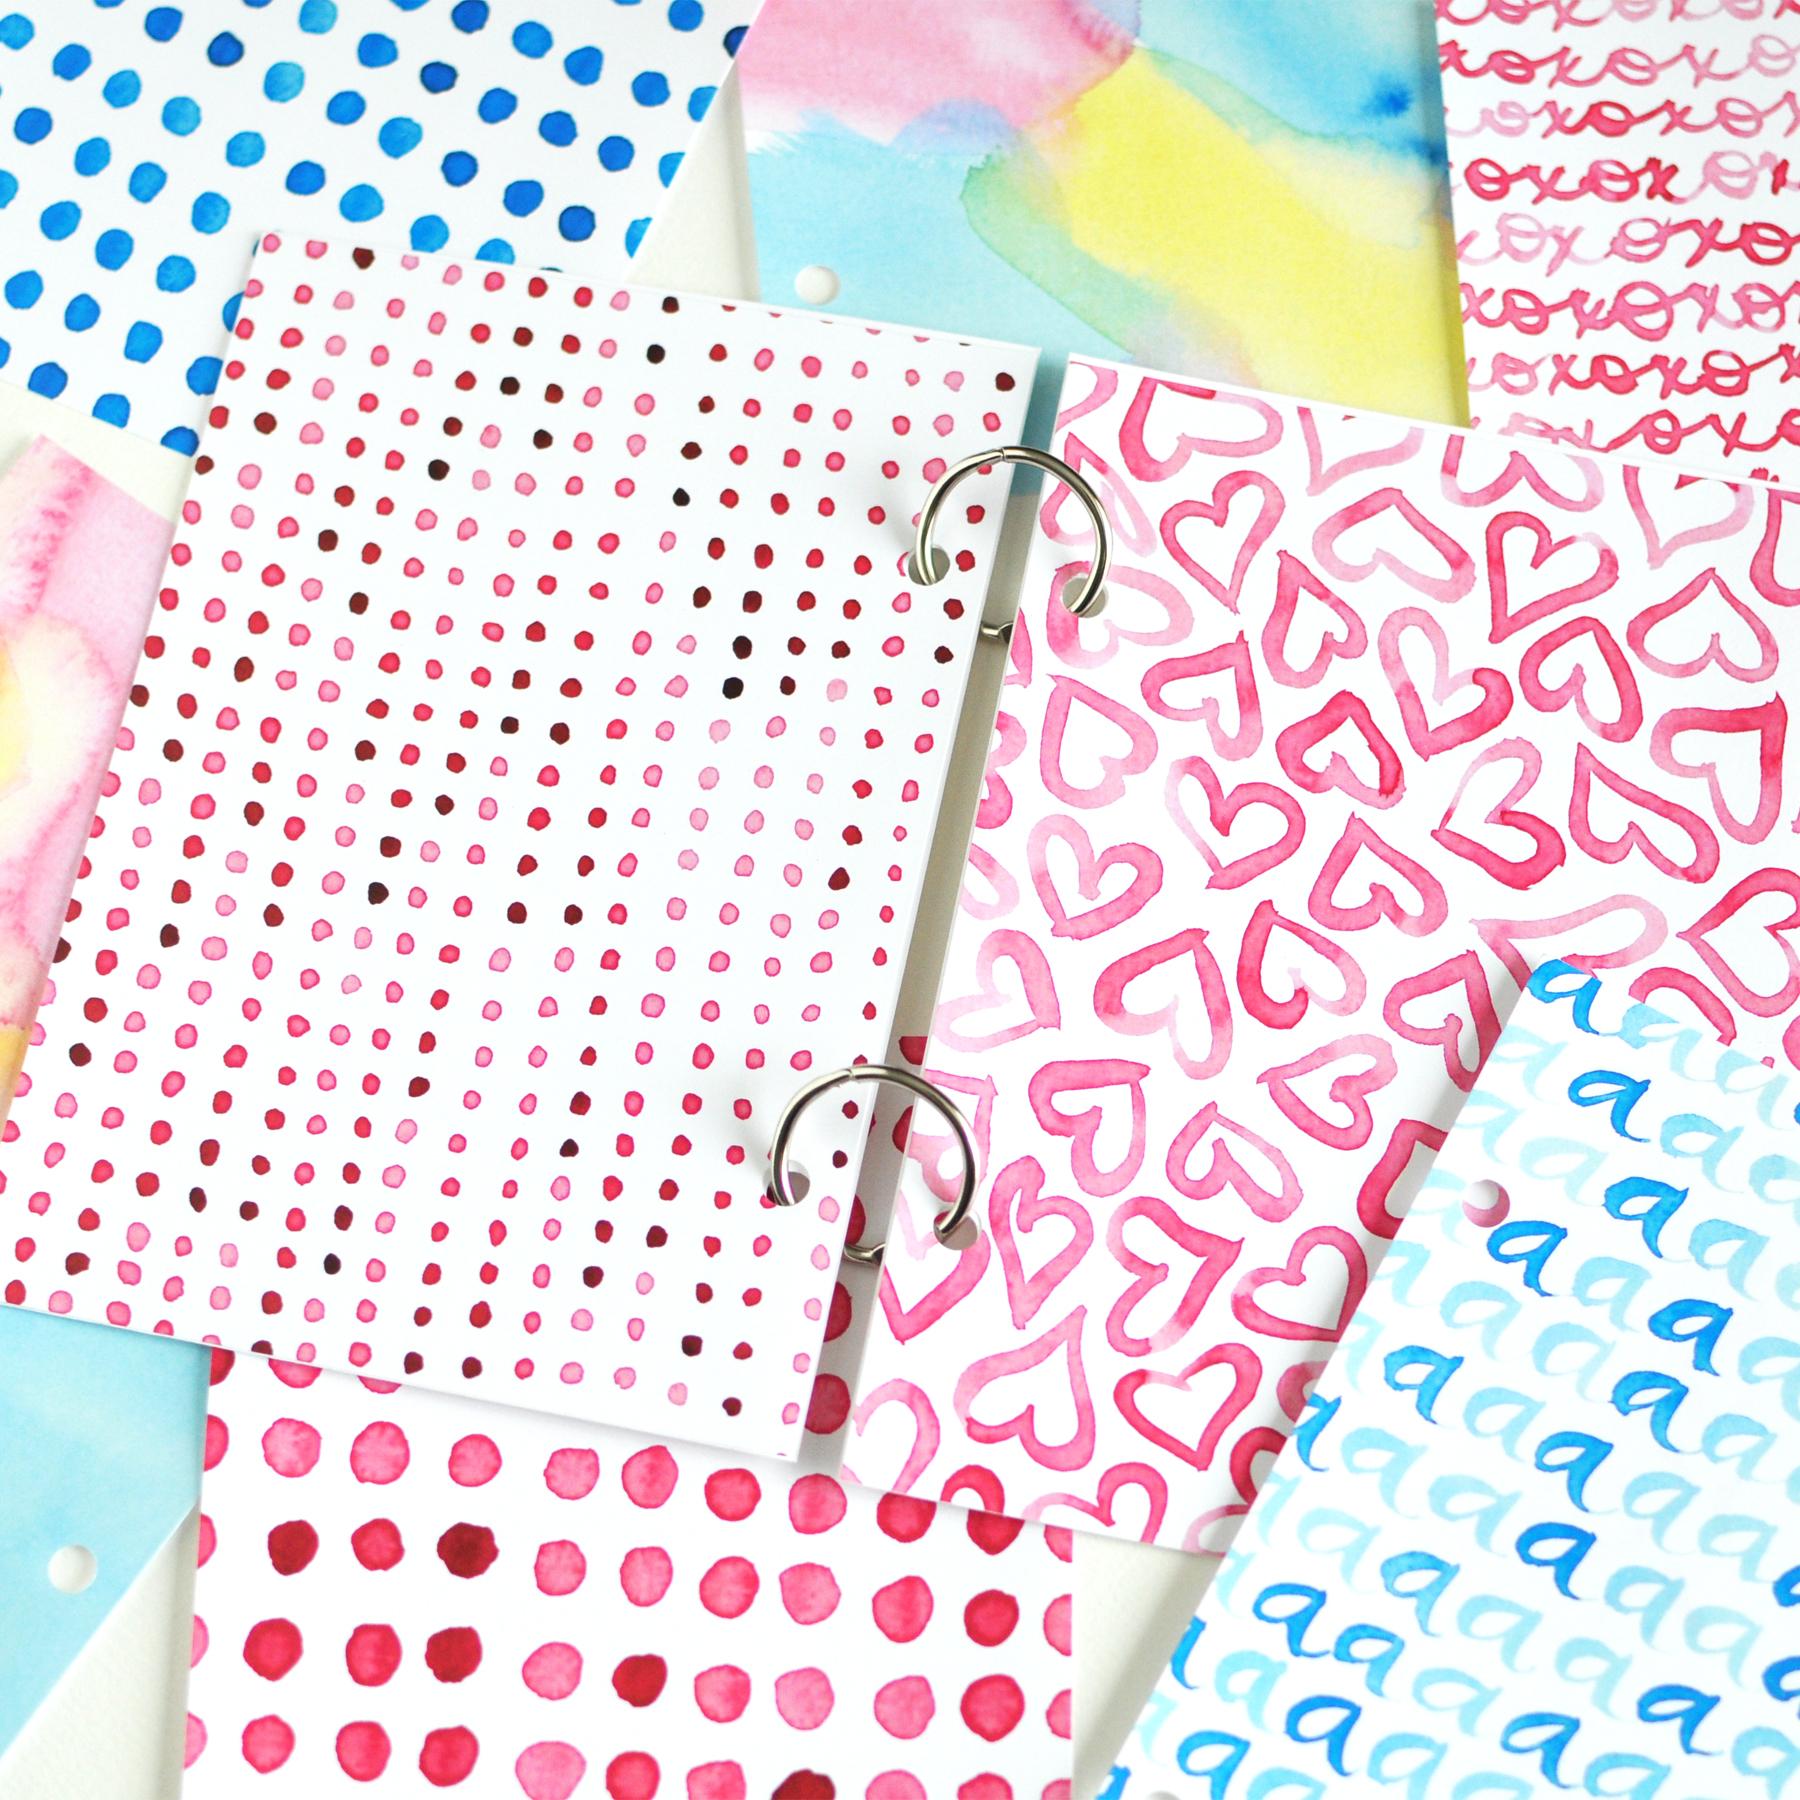 13-02-2019-Patterns-Journal-by-Christie-Zimmer.jpg